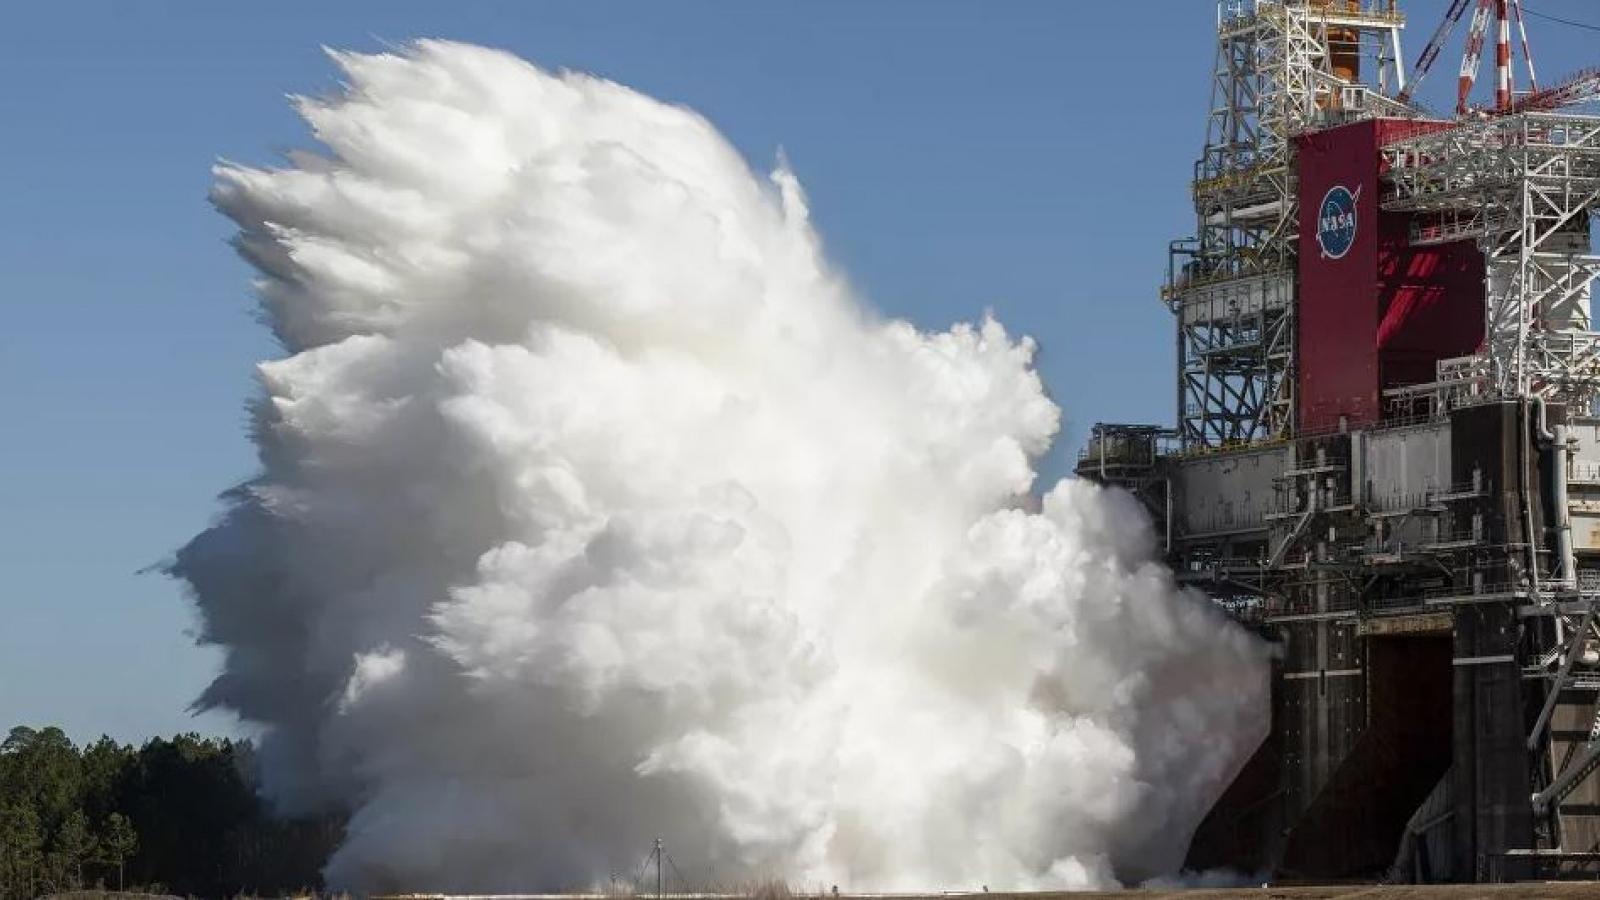 NASA thử nghiệm thành công động cơ tên lửa giúp trở lại Mặt Trăng và thám hiểm sao Hỏa